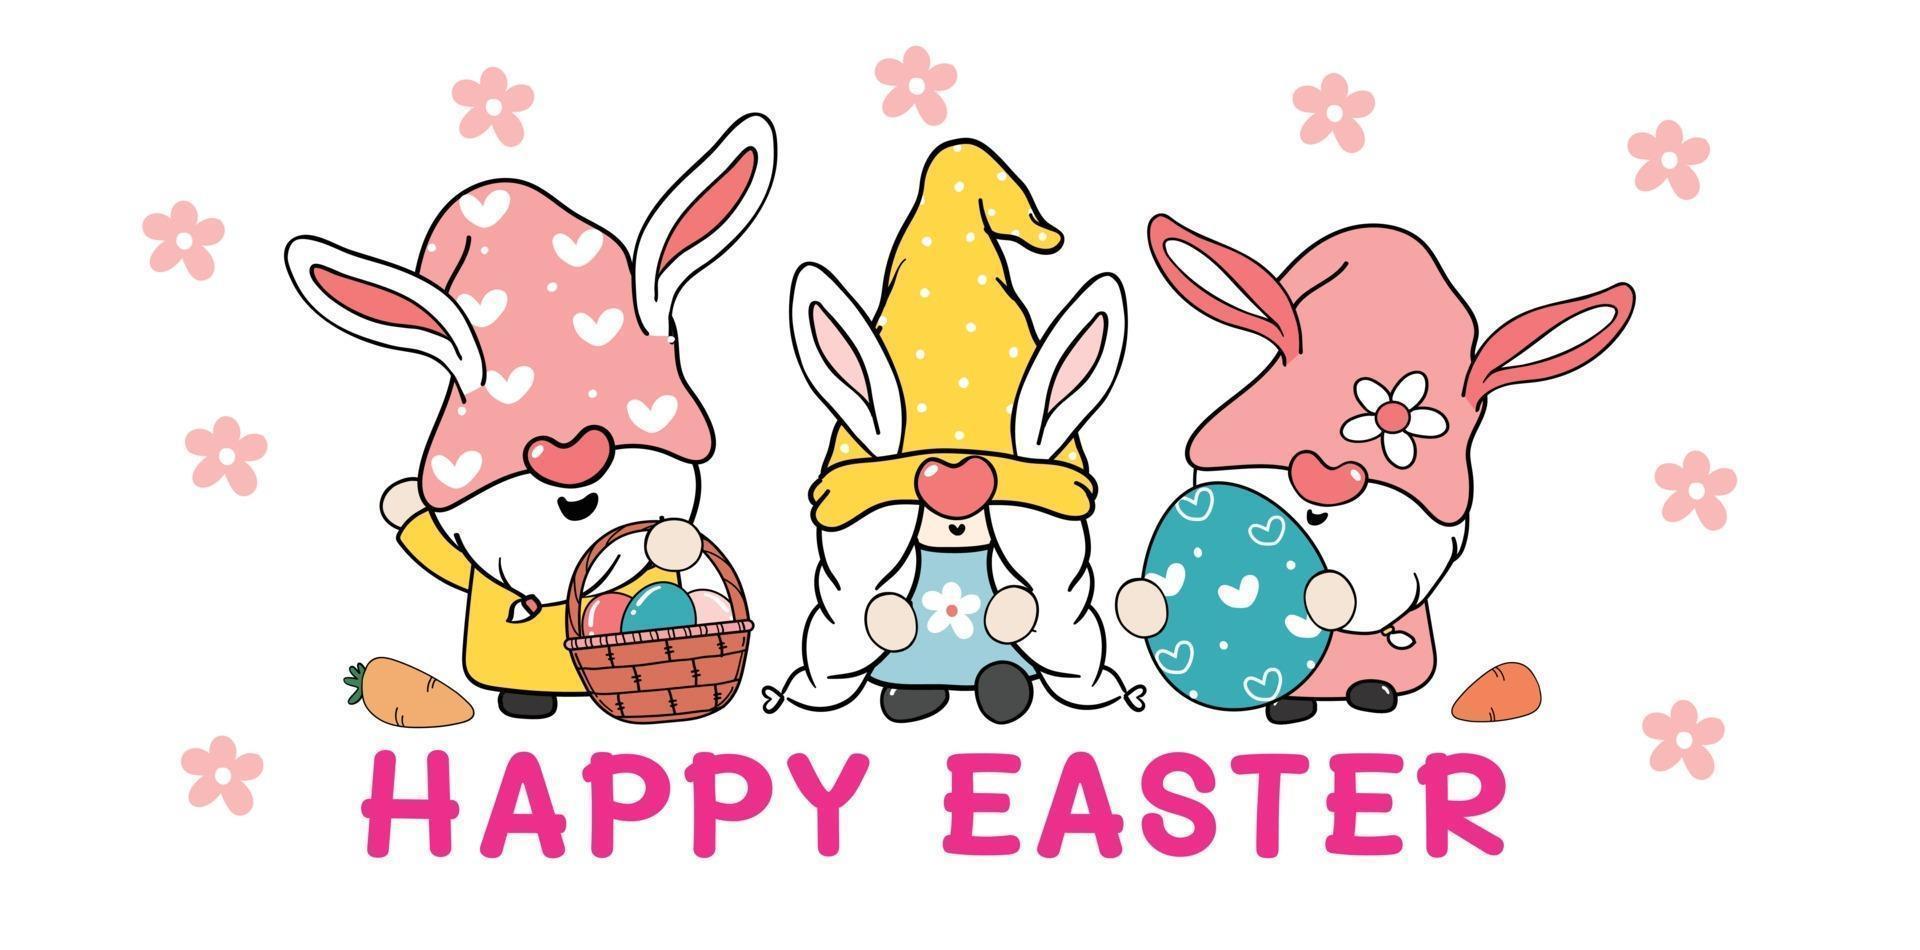 tres lindo gnomo de conejito de pascua dulce con orejas de conejo, banner de vector de dibujos animados de feliz pascua